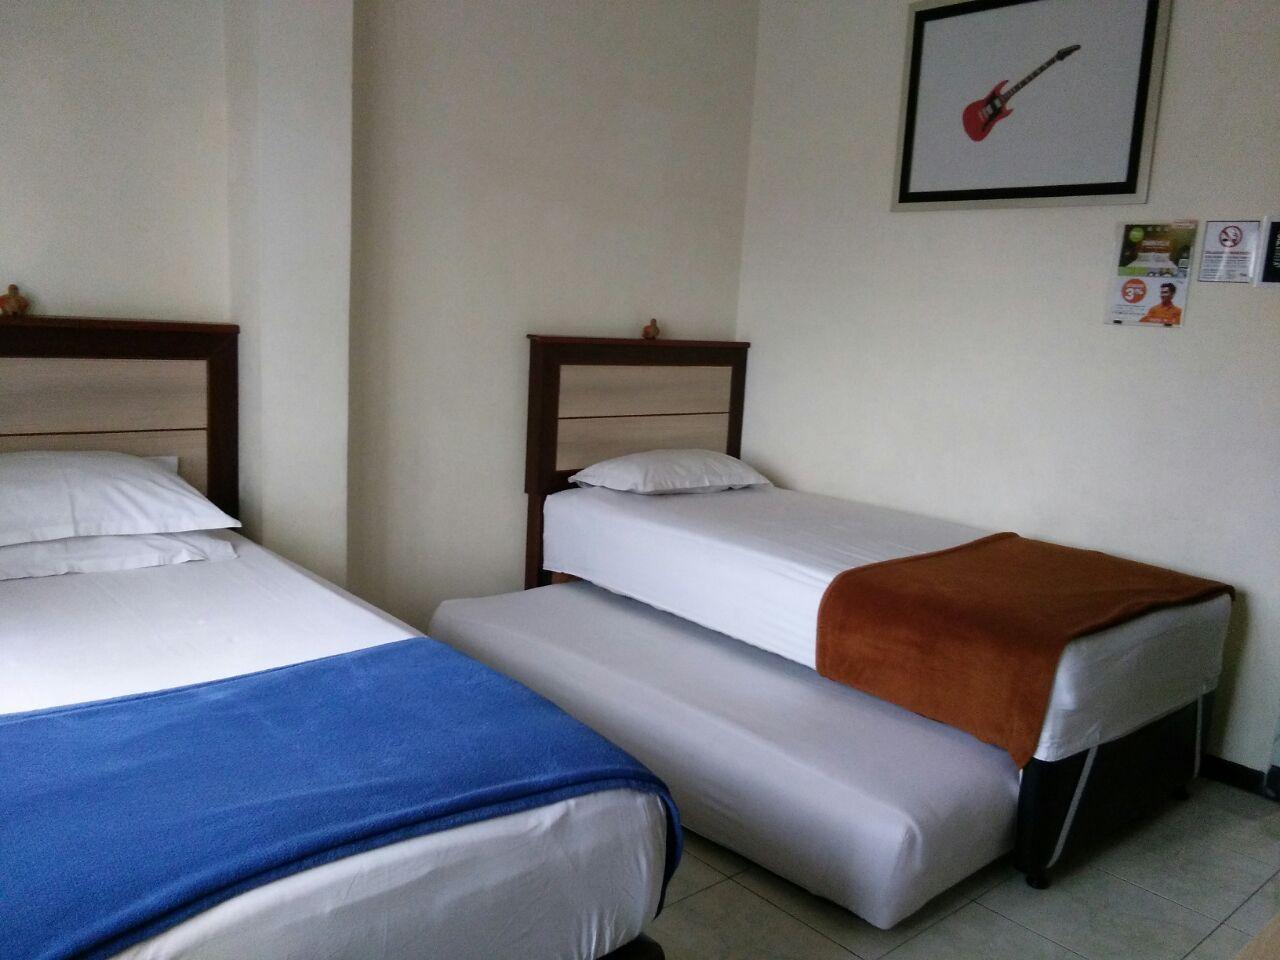 Cabin Hotel Sutomo In Yogyakarta